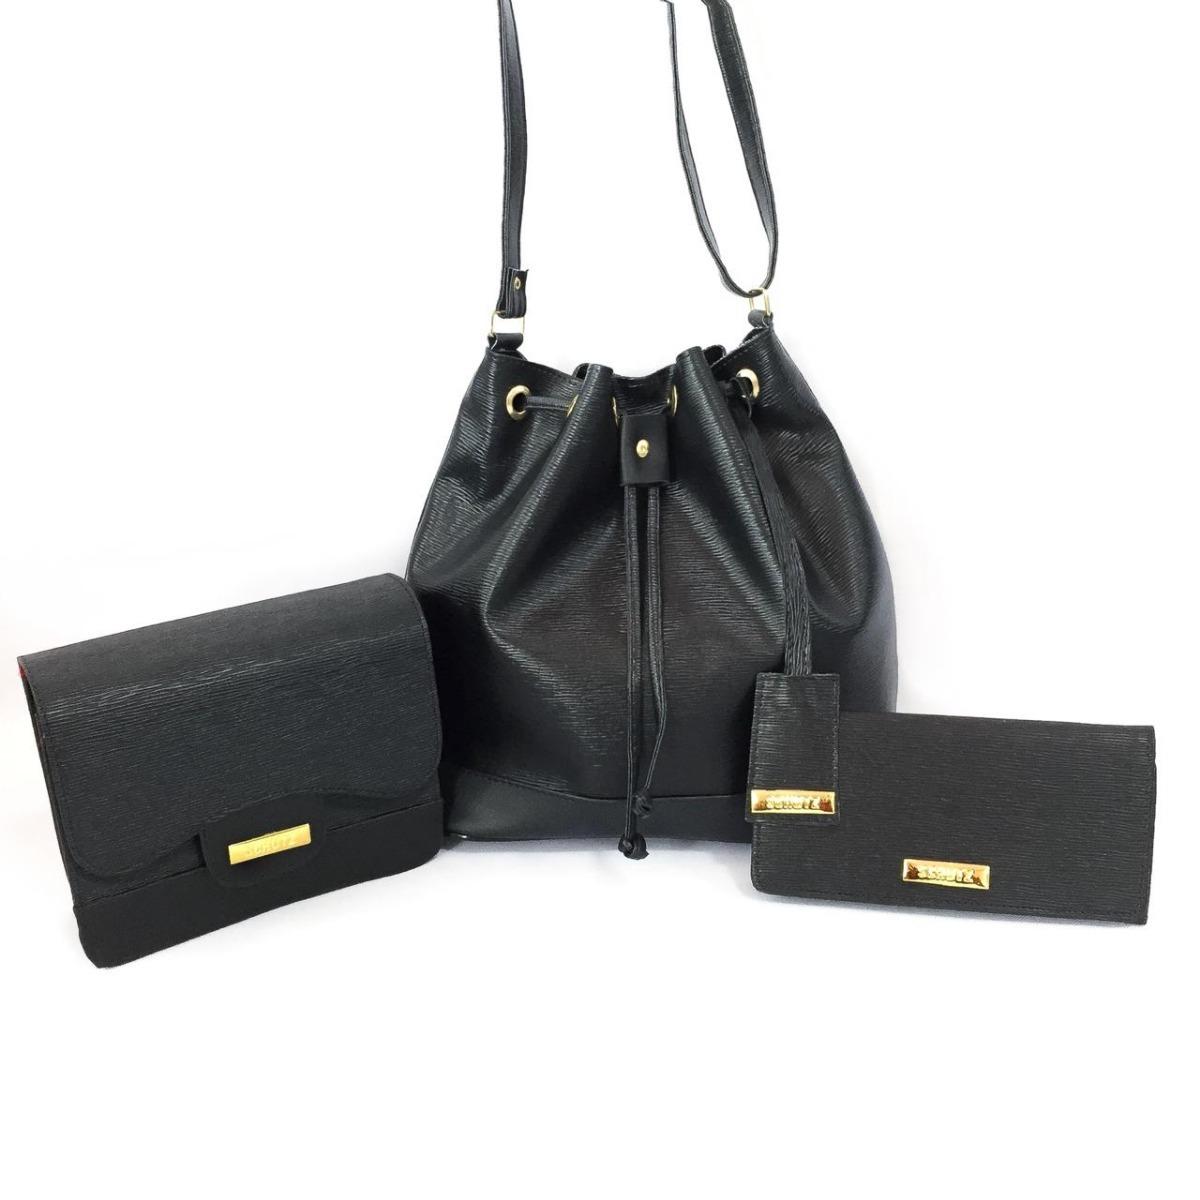 27896ef8a Kit 2 Bolsas Feminina + Carteira - R$ 129,90 em Mercado Livre